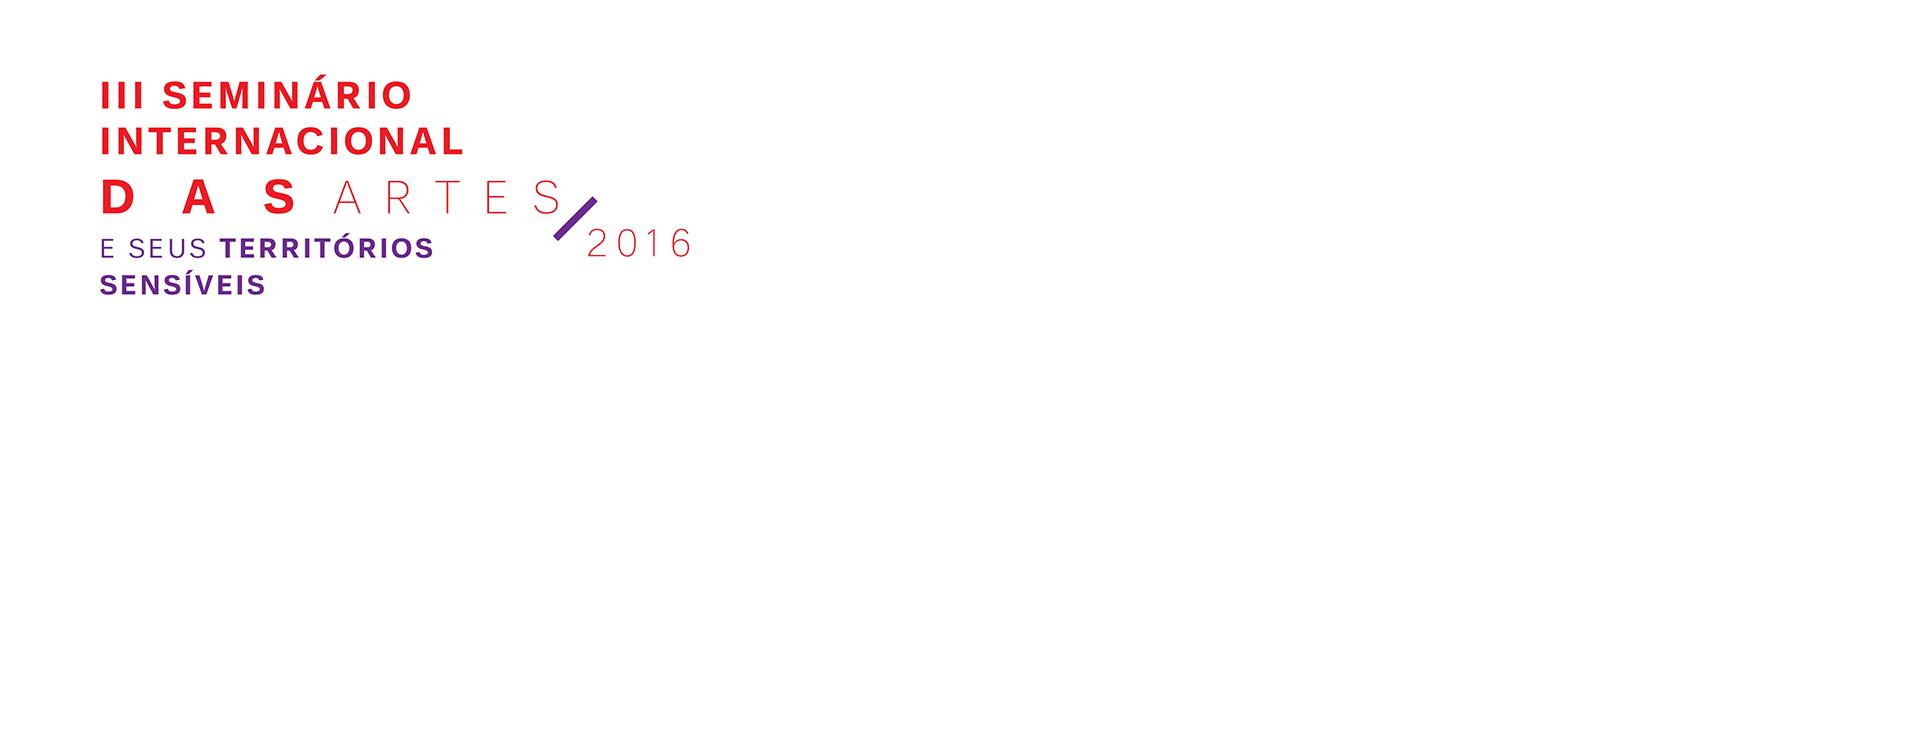 das-artes-2016_site_bg-camada2